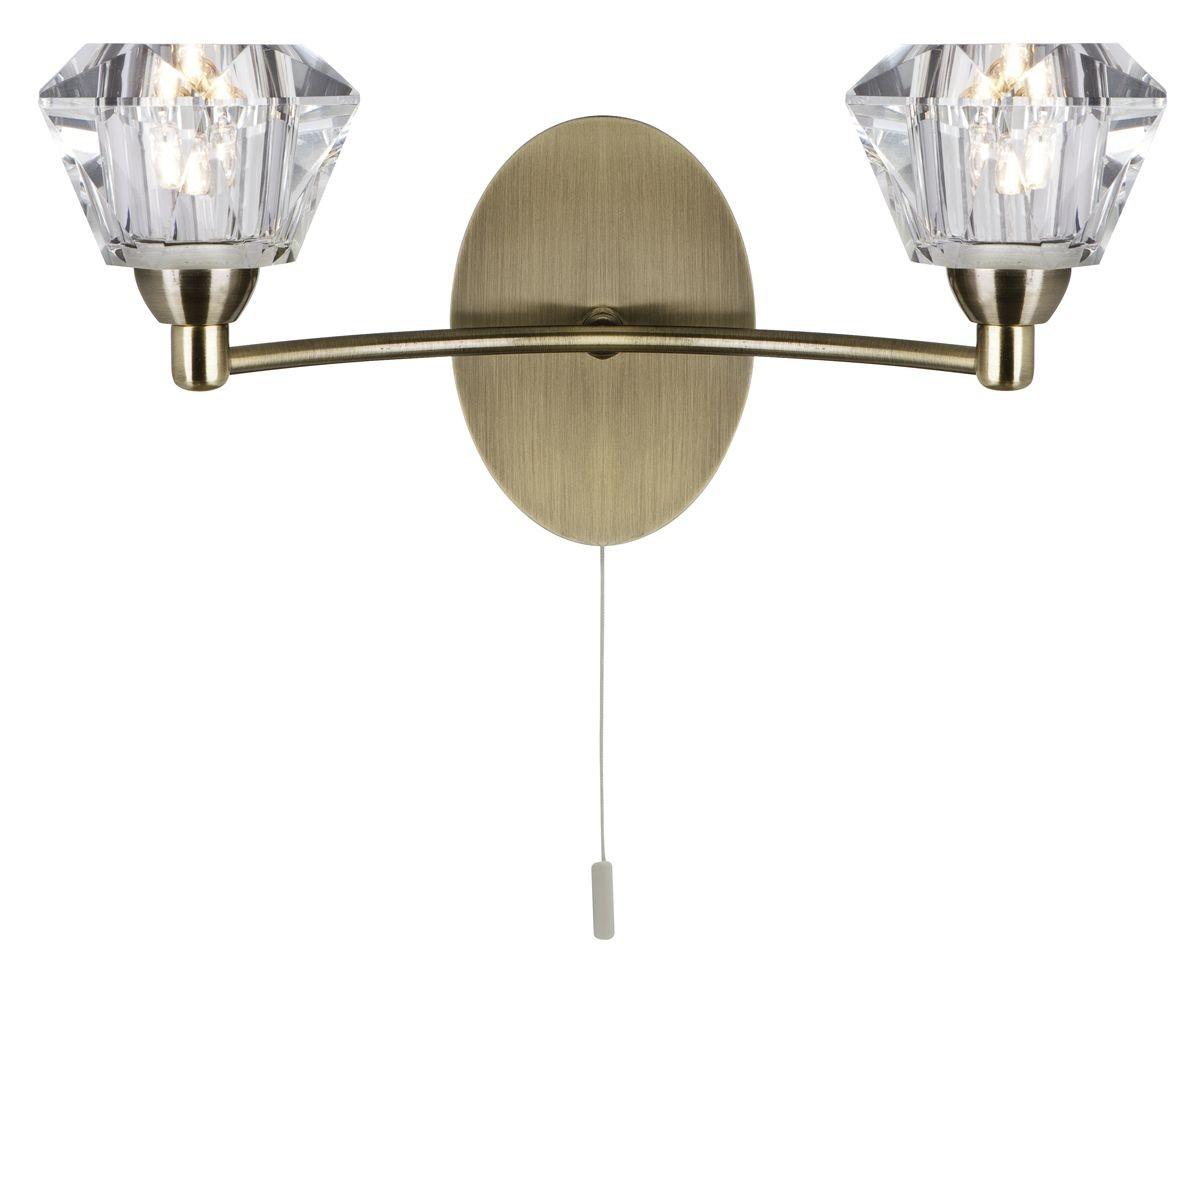 Sierra decorative wall light 2 light antique brass - Decorative wall lighting ...